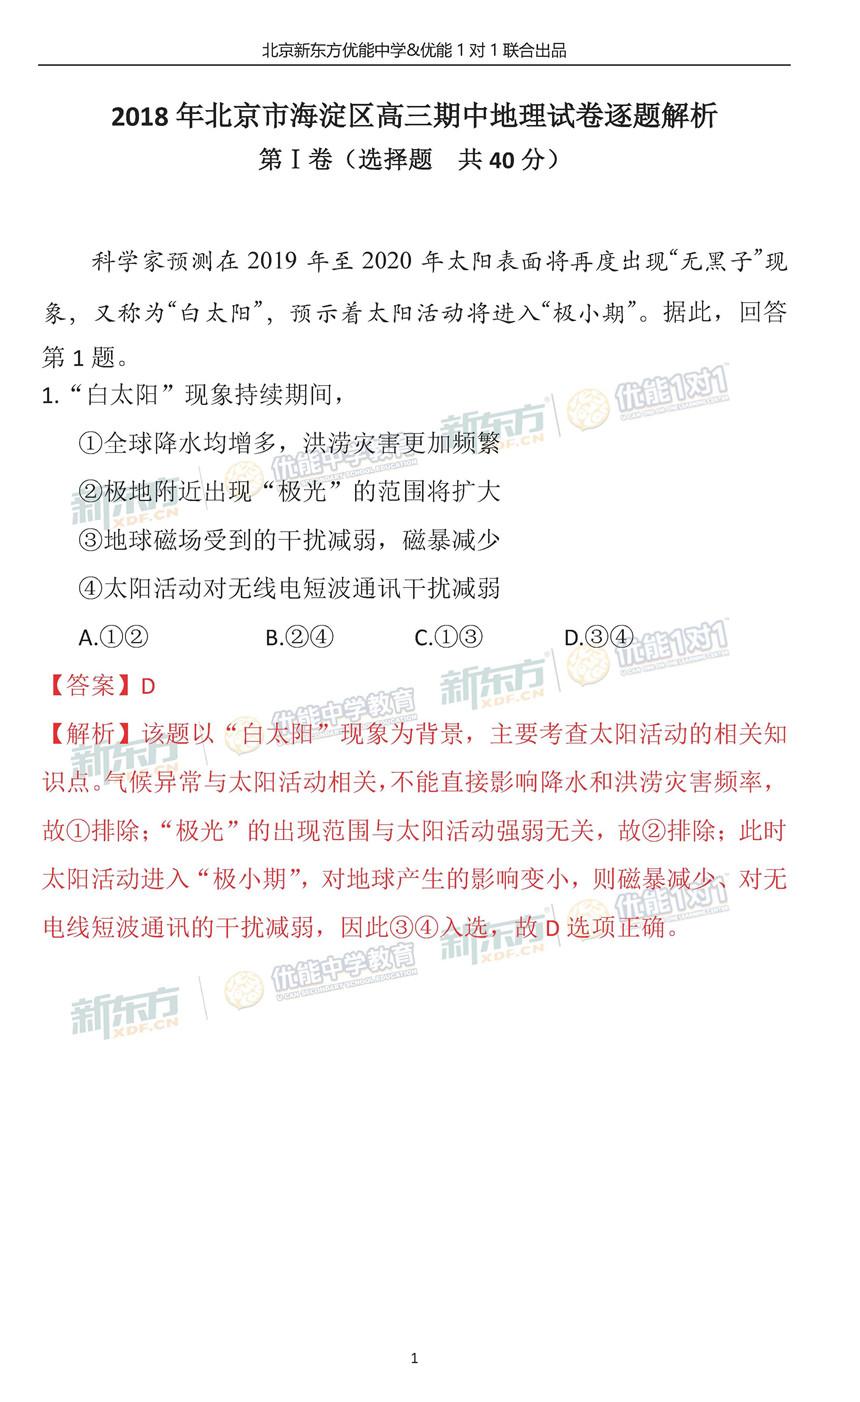 【新东方逐题解析】2018年11月北京海淀区高三期中考试地理试卷及答案